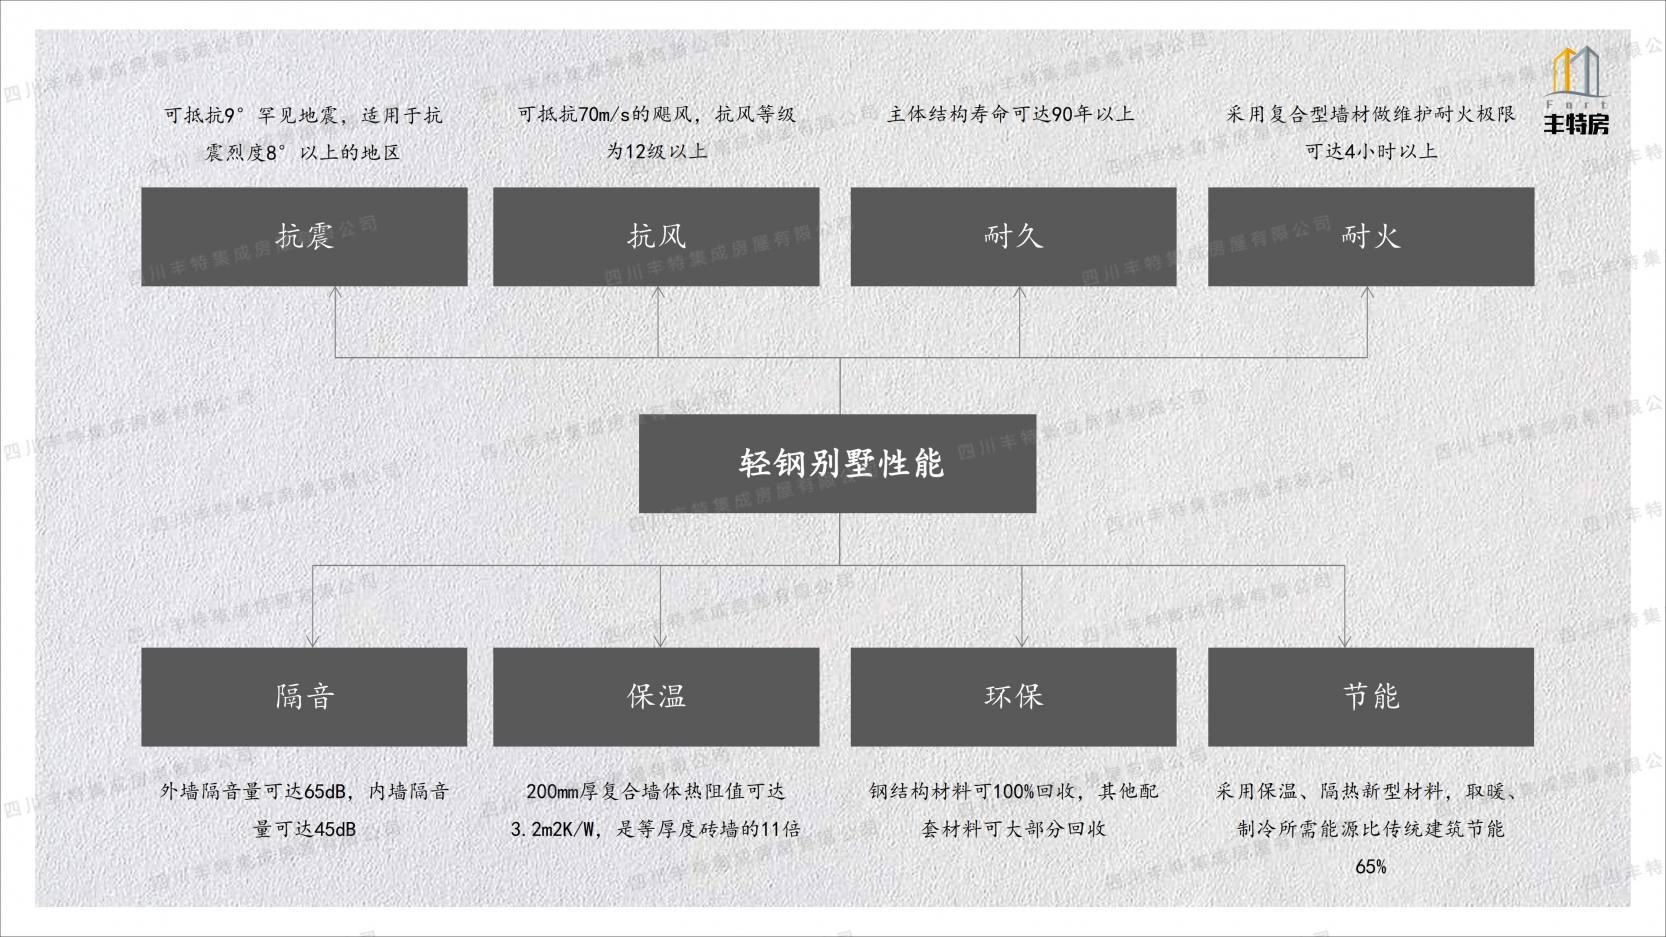 四川丰特集成房屋有限公司 (23)